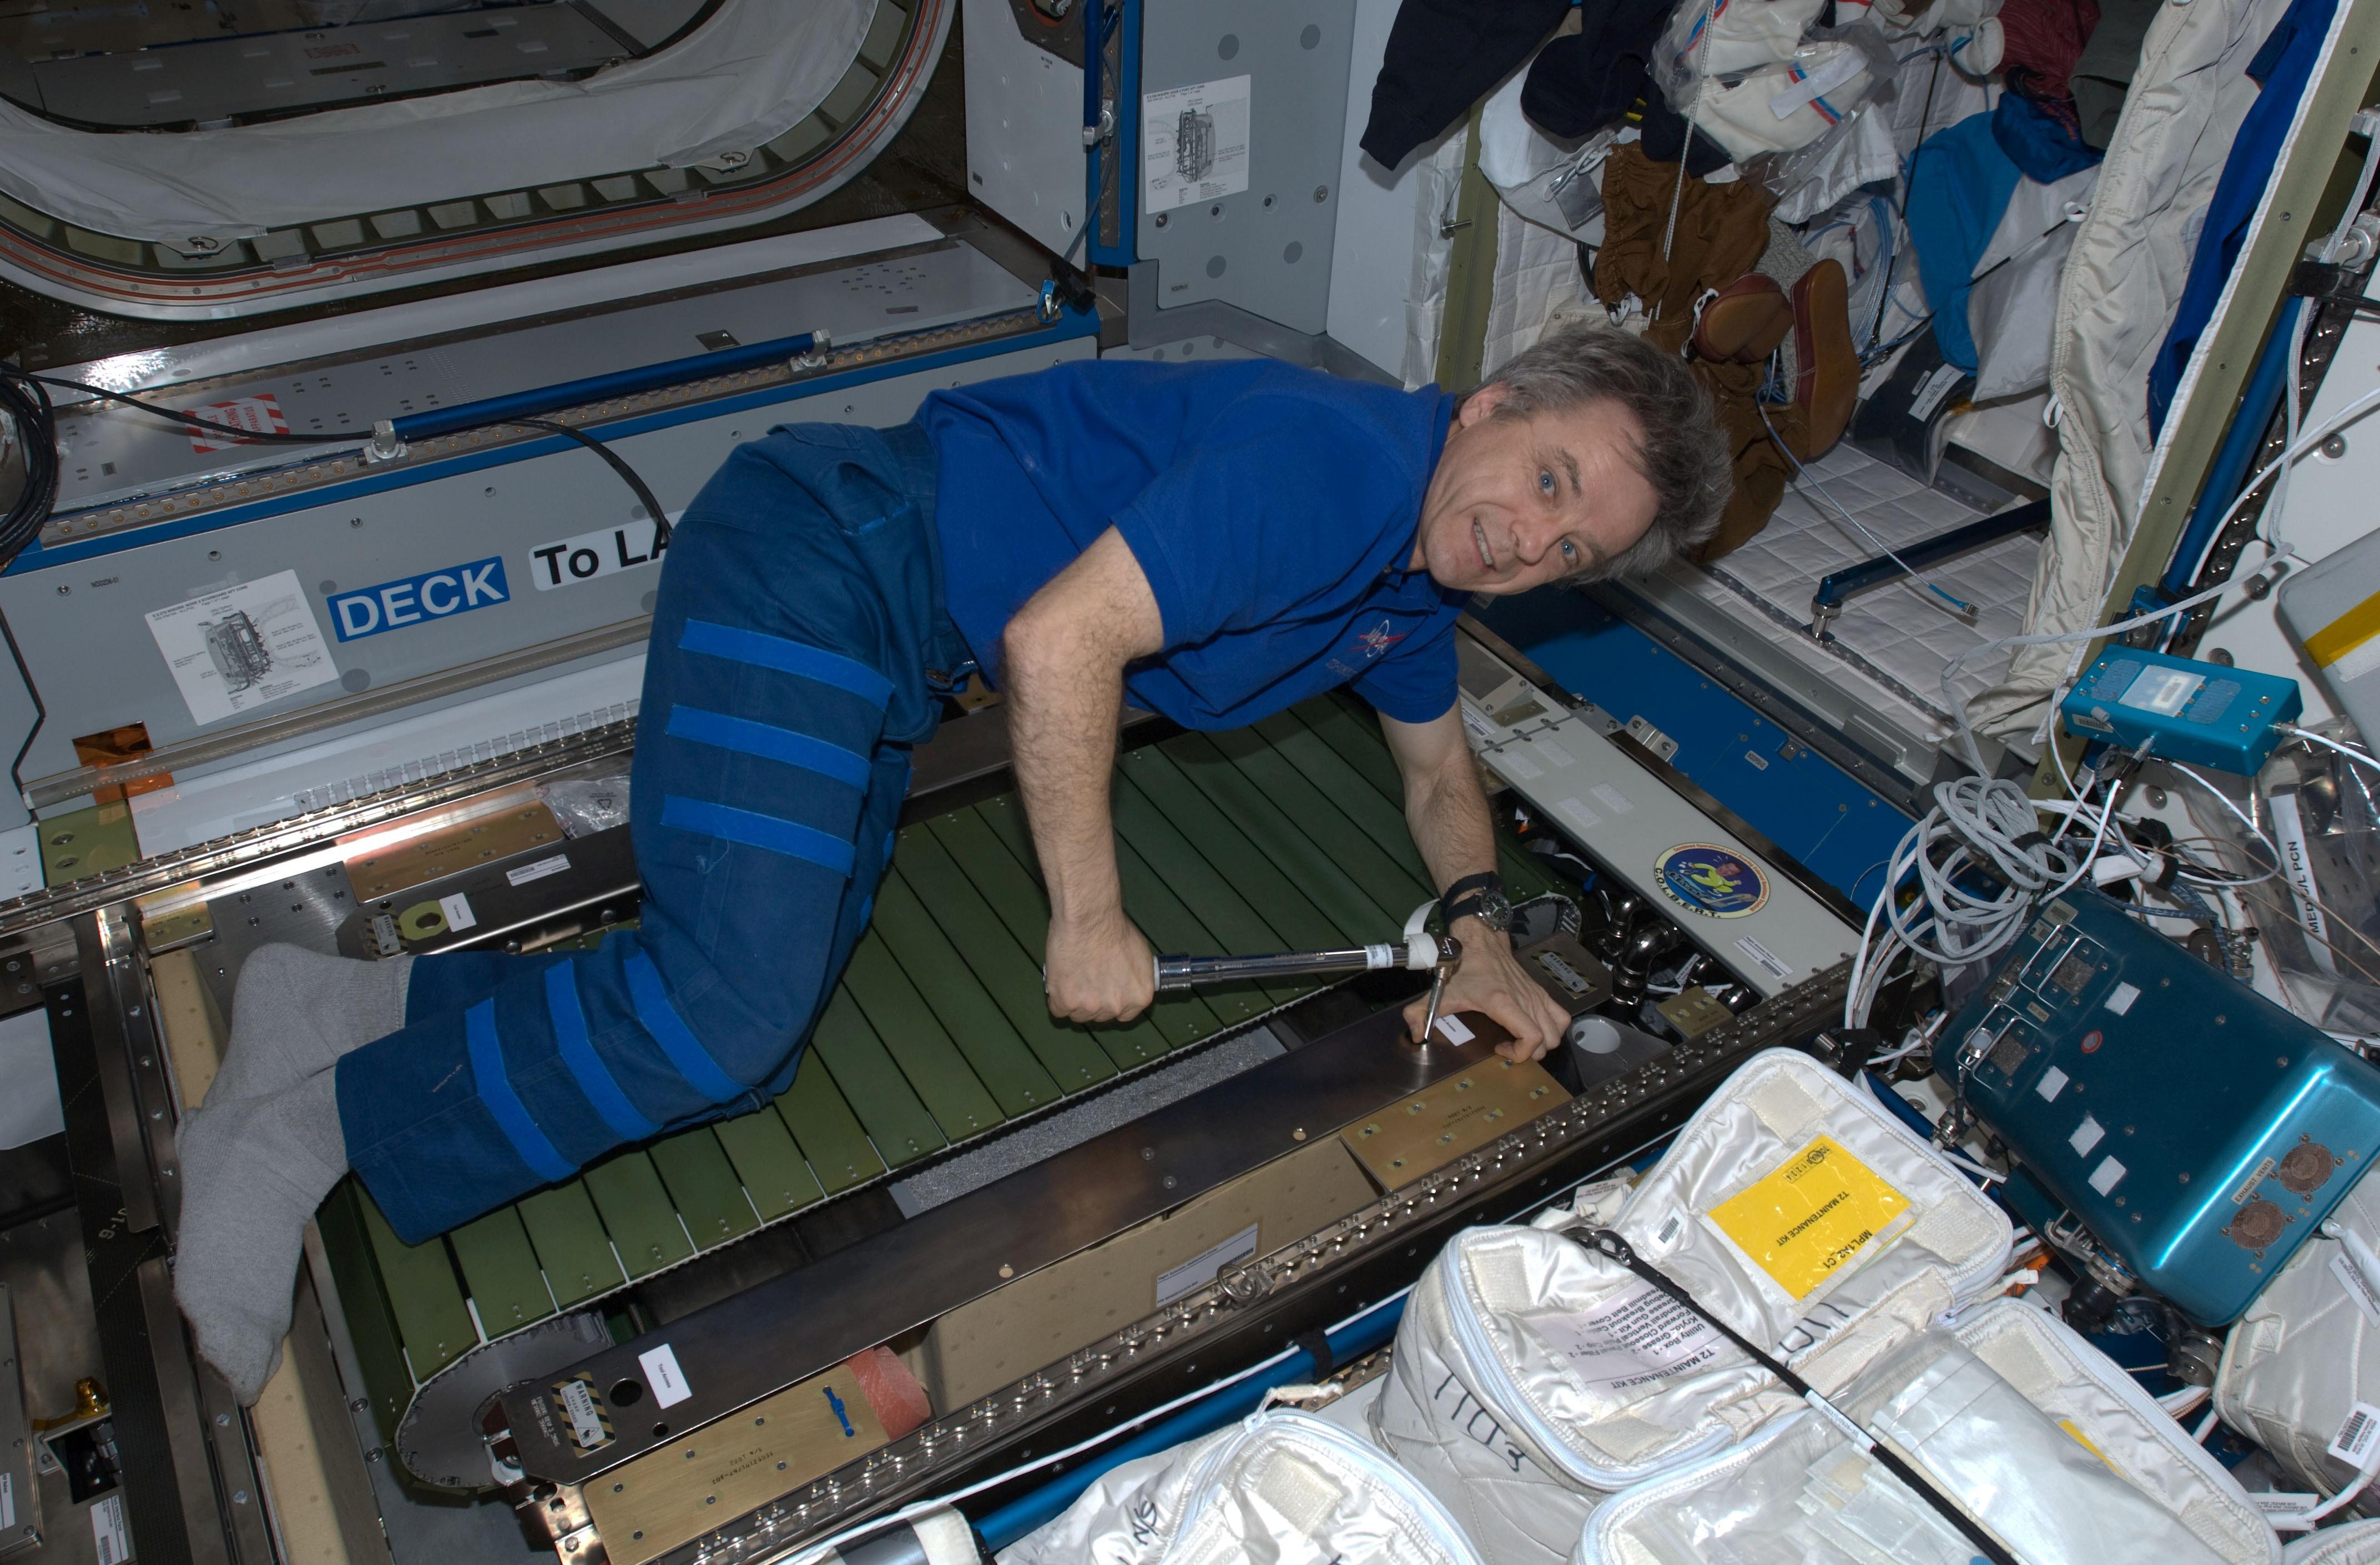 astronaut treadmill workout - photo #29